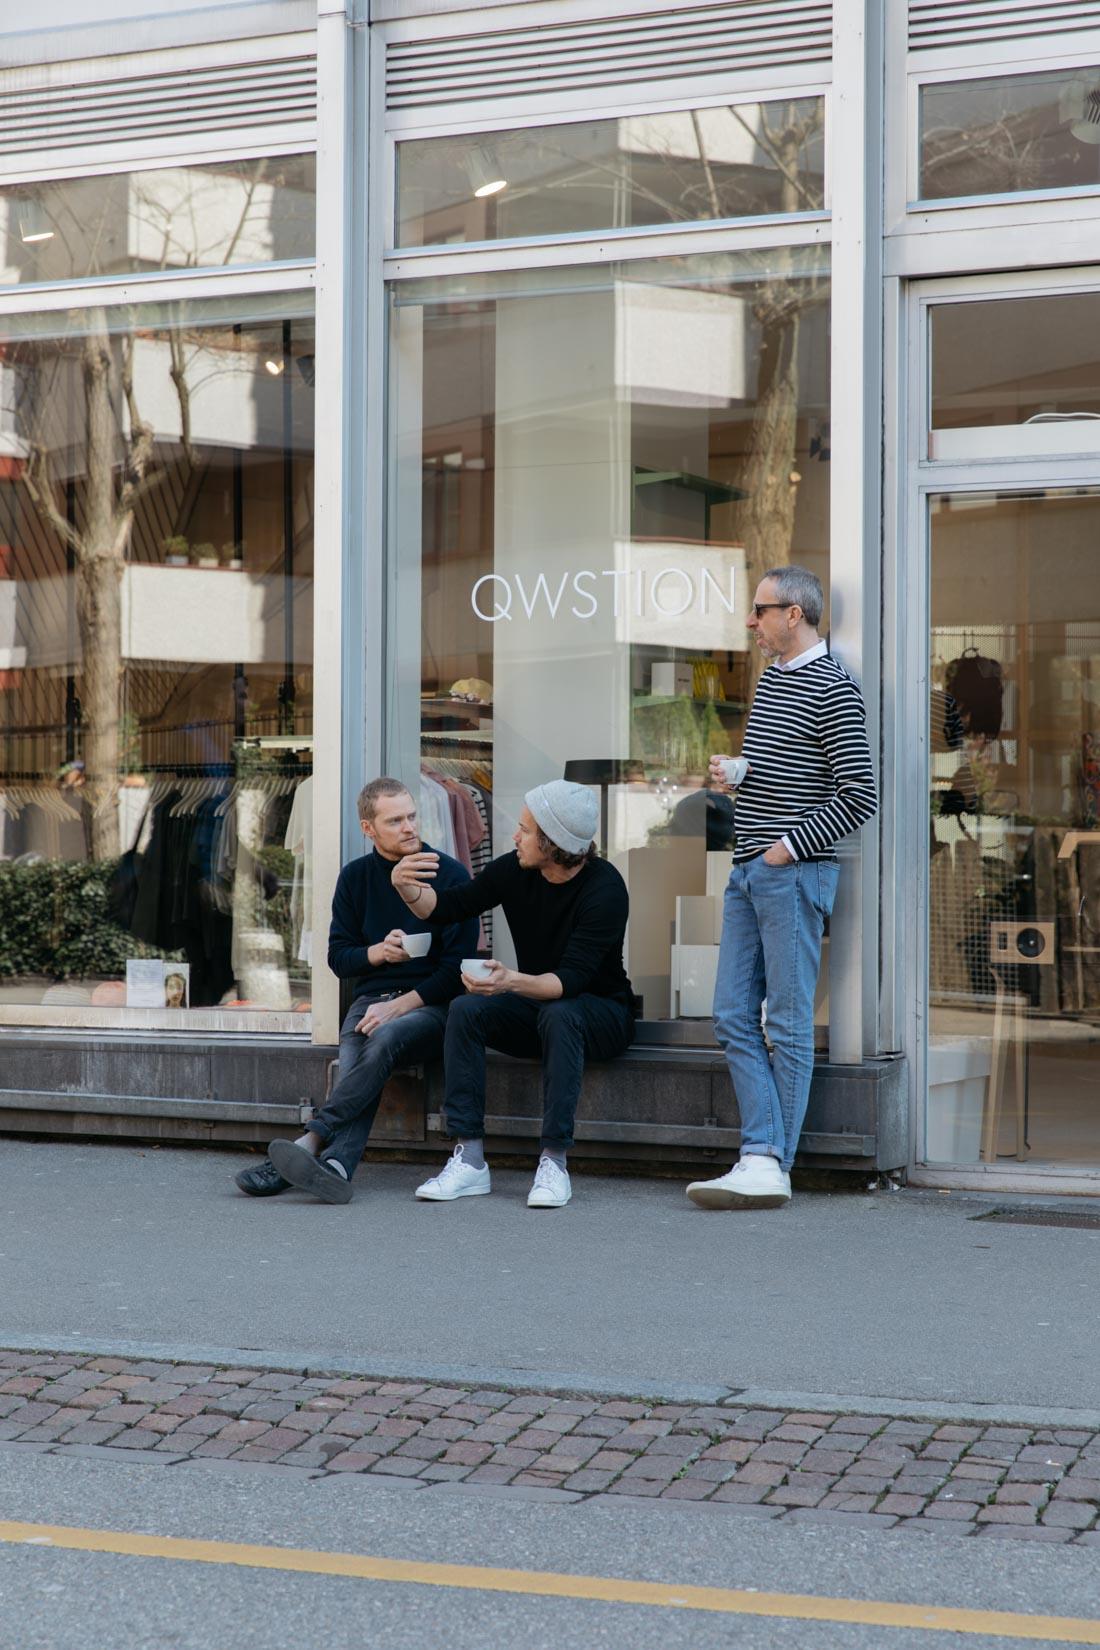 qwstion_store_zurich_lukas_korschan_ignant-11